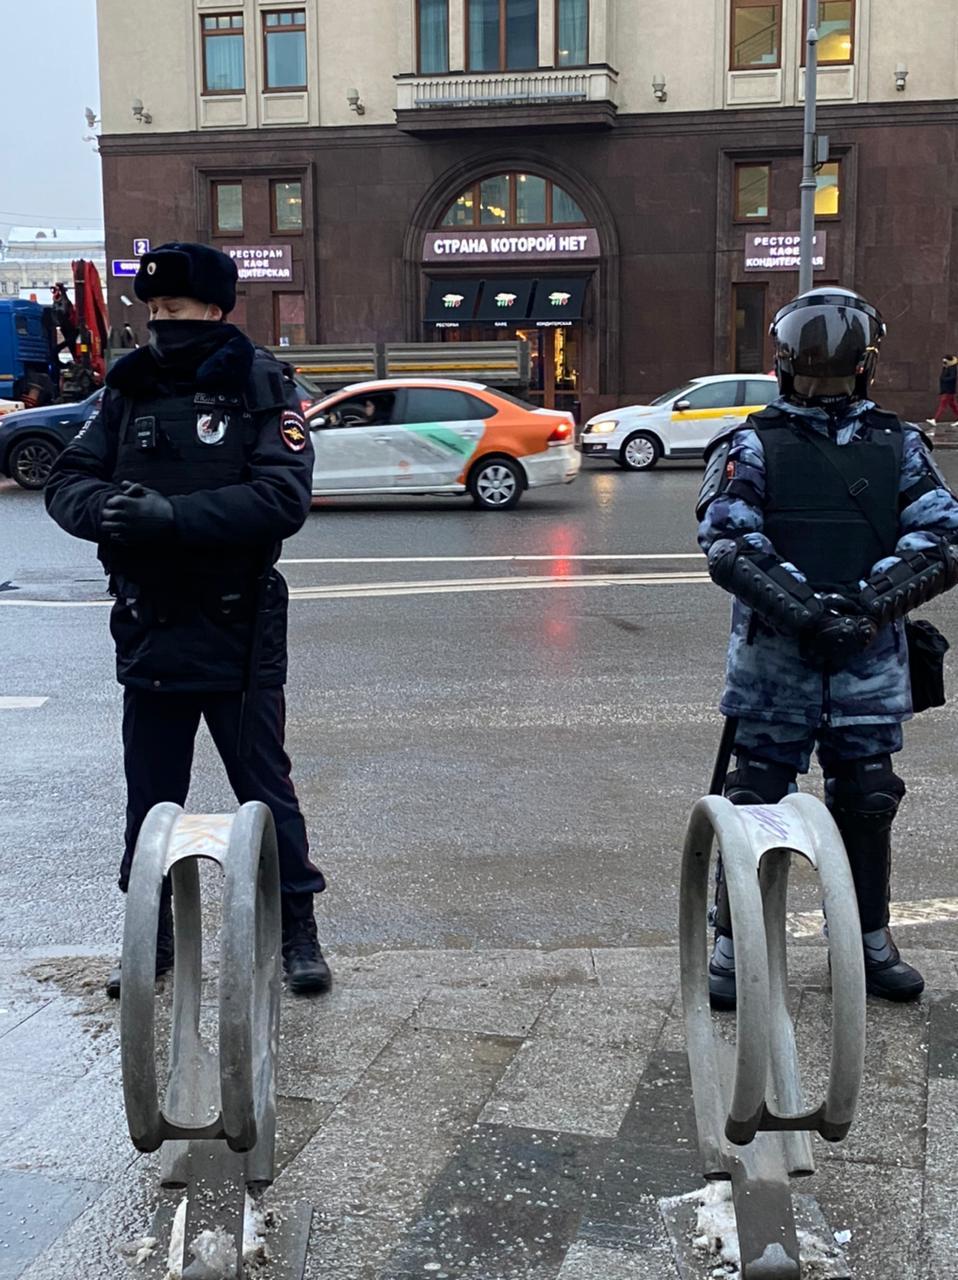 Охранники порядка стоят у ресторана с символичным для всех событий названием в Москве